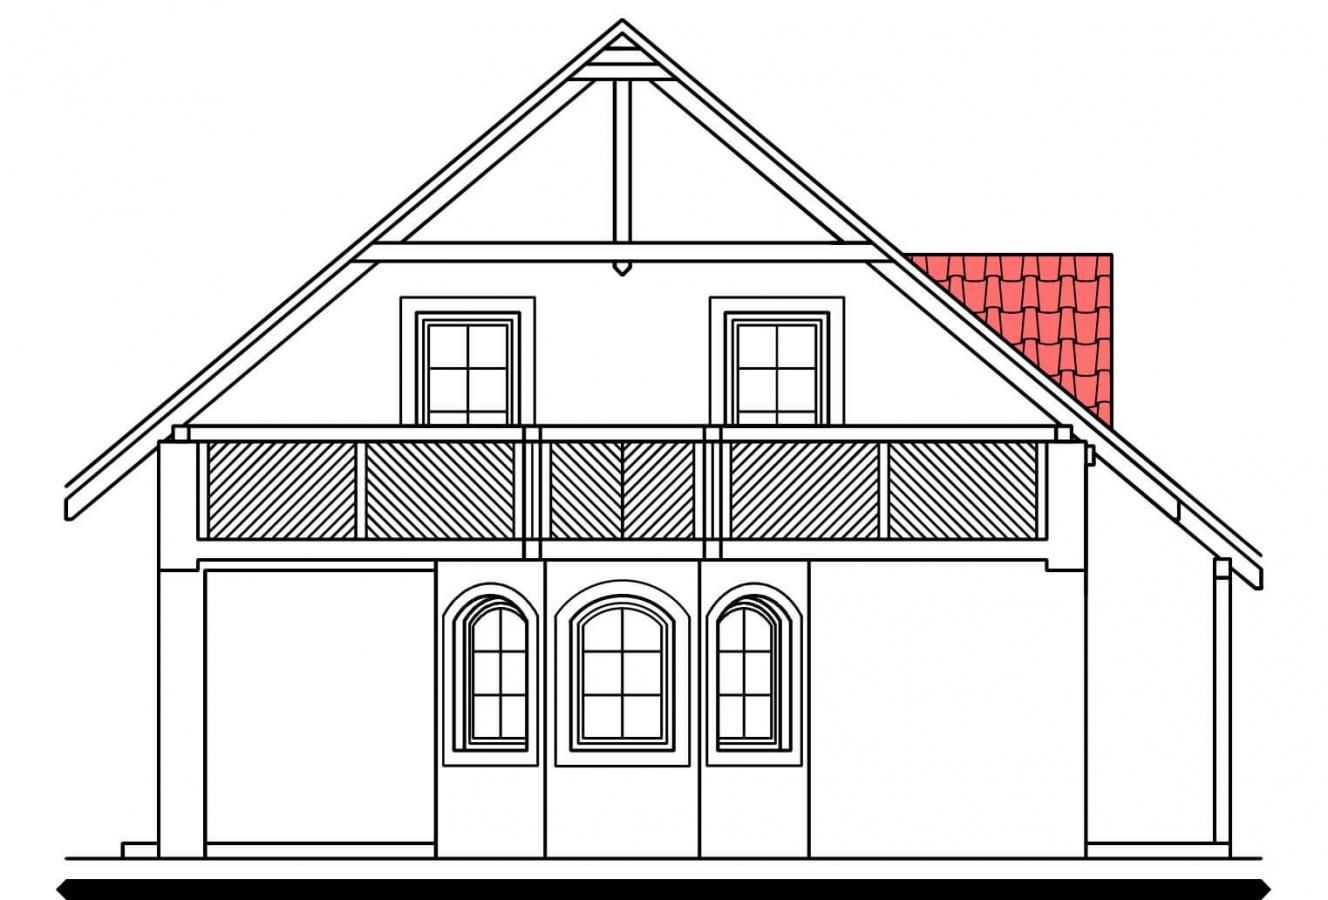 Pohľad 4. - Projekt podkrovného domu s krytou terasou.